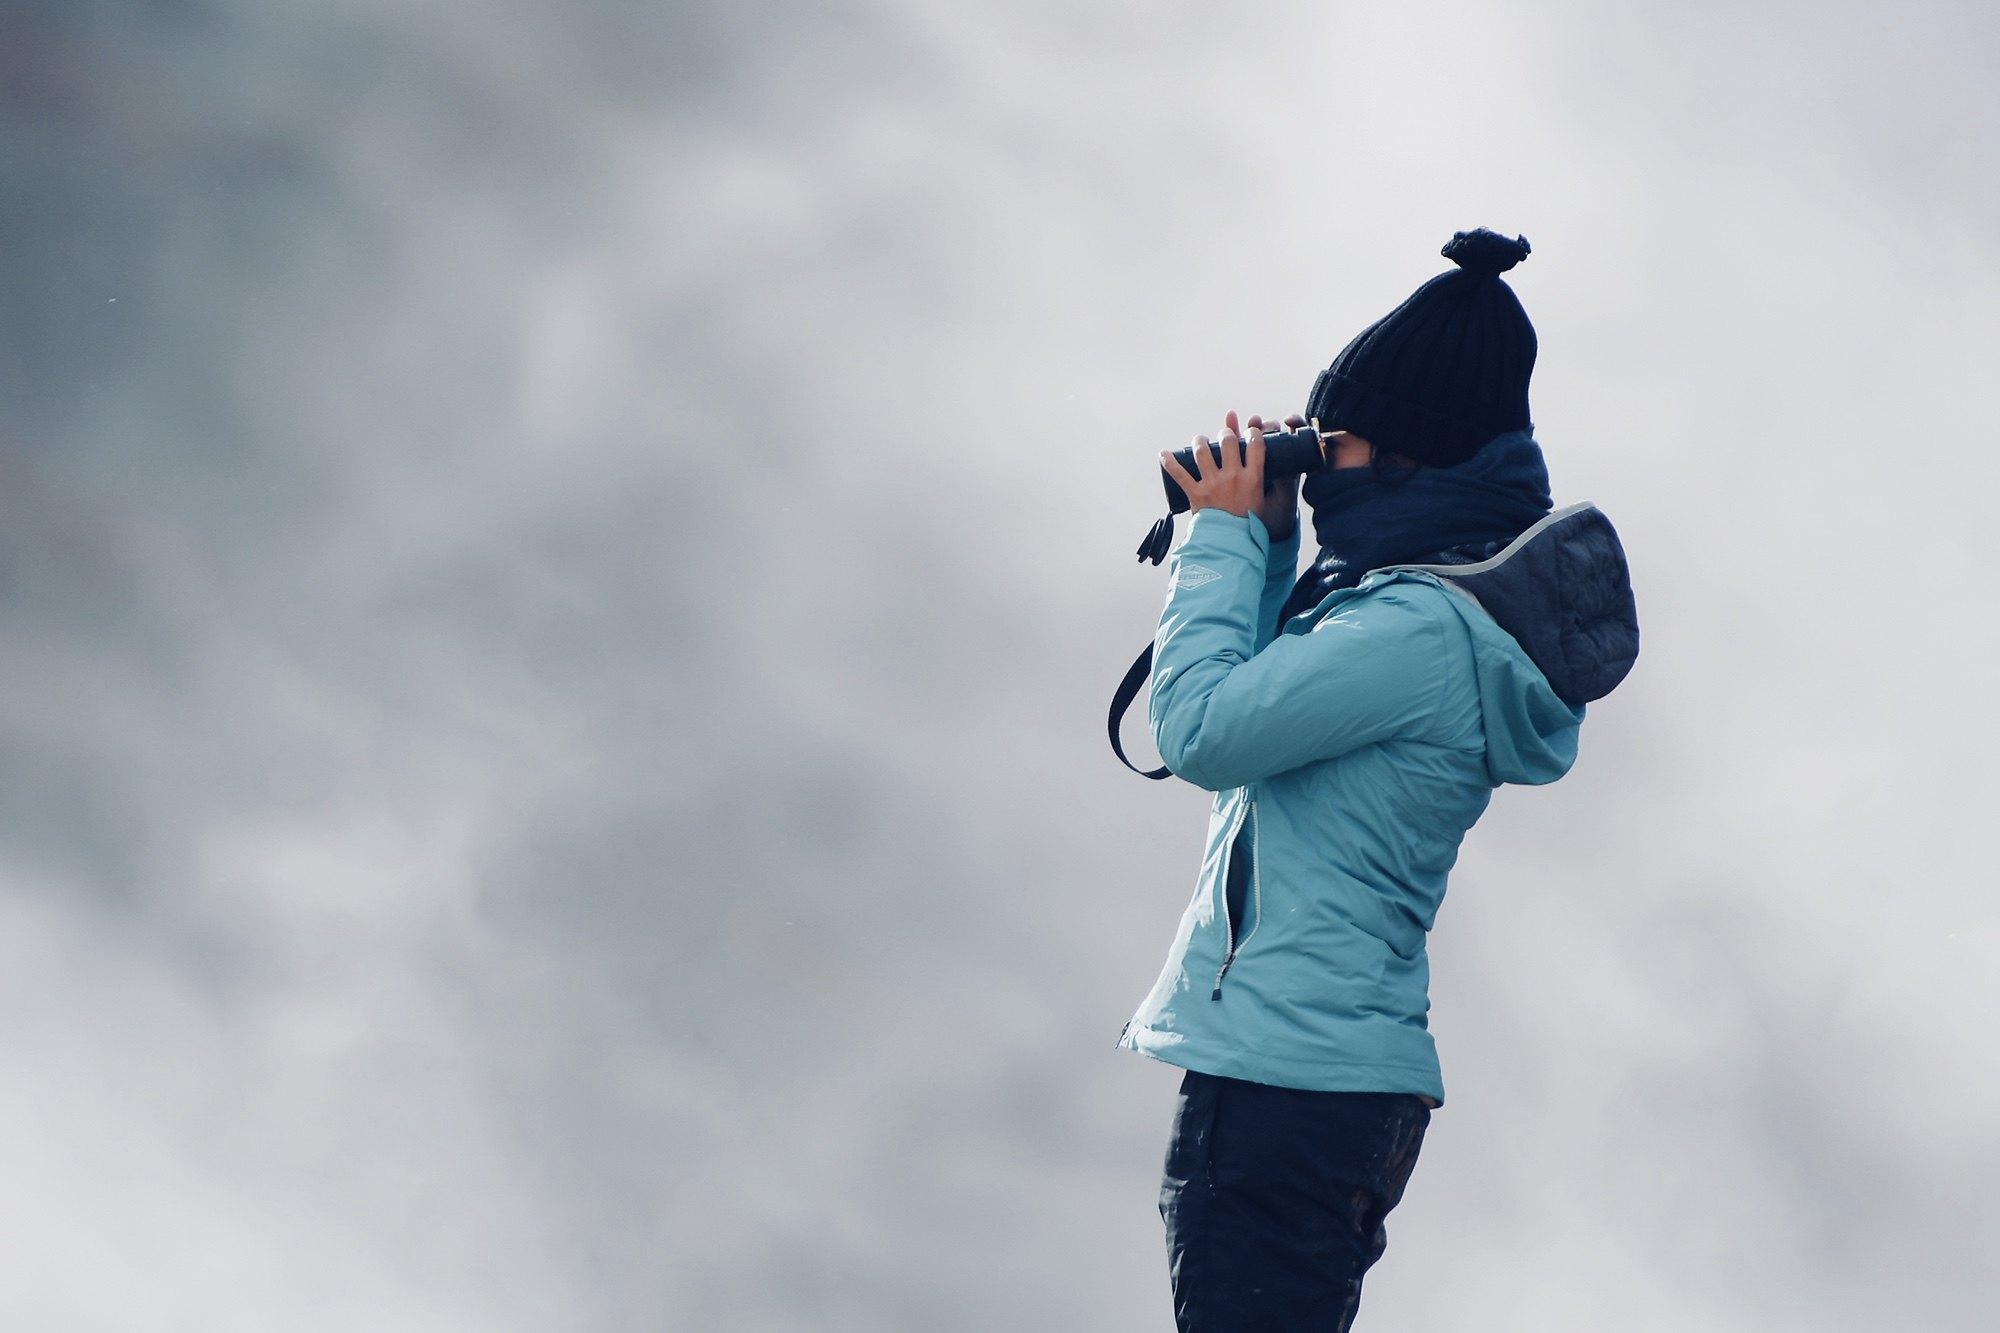 阿雅冰岛徒步 (3).jpg